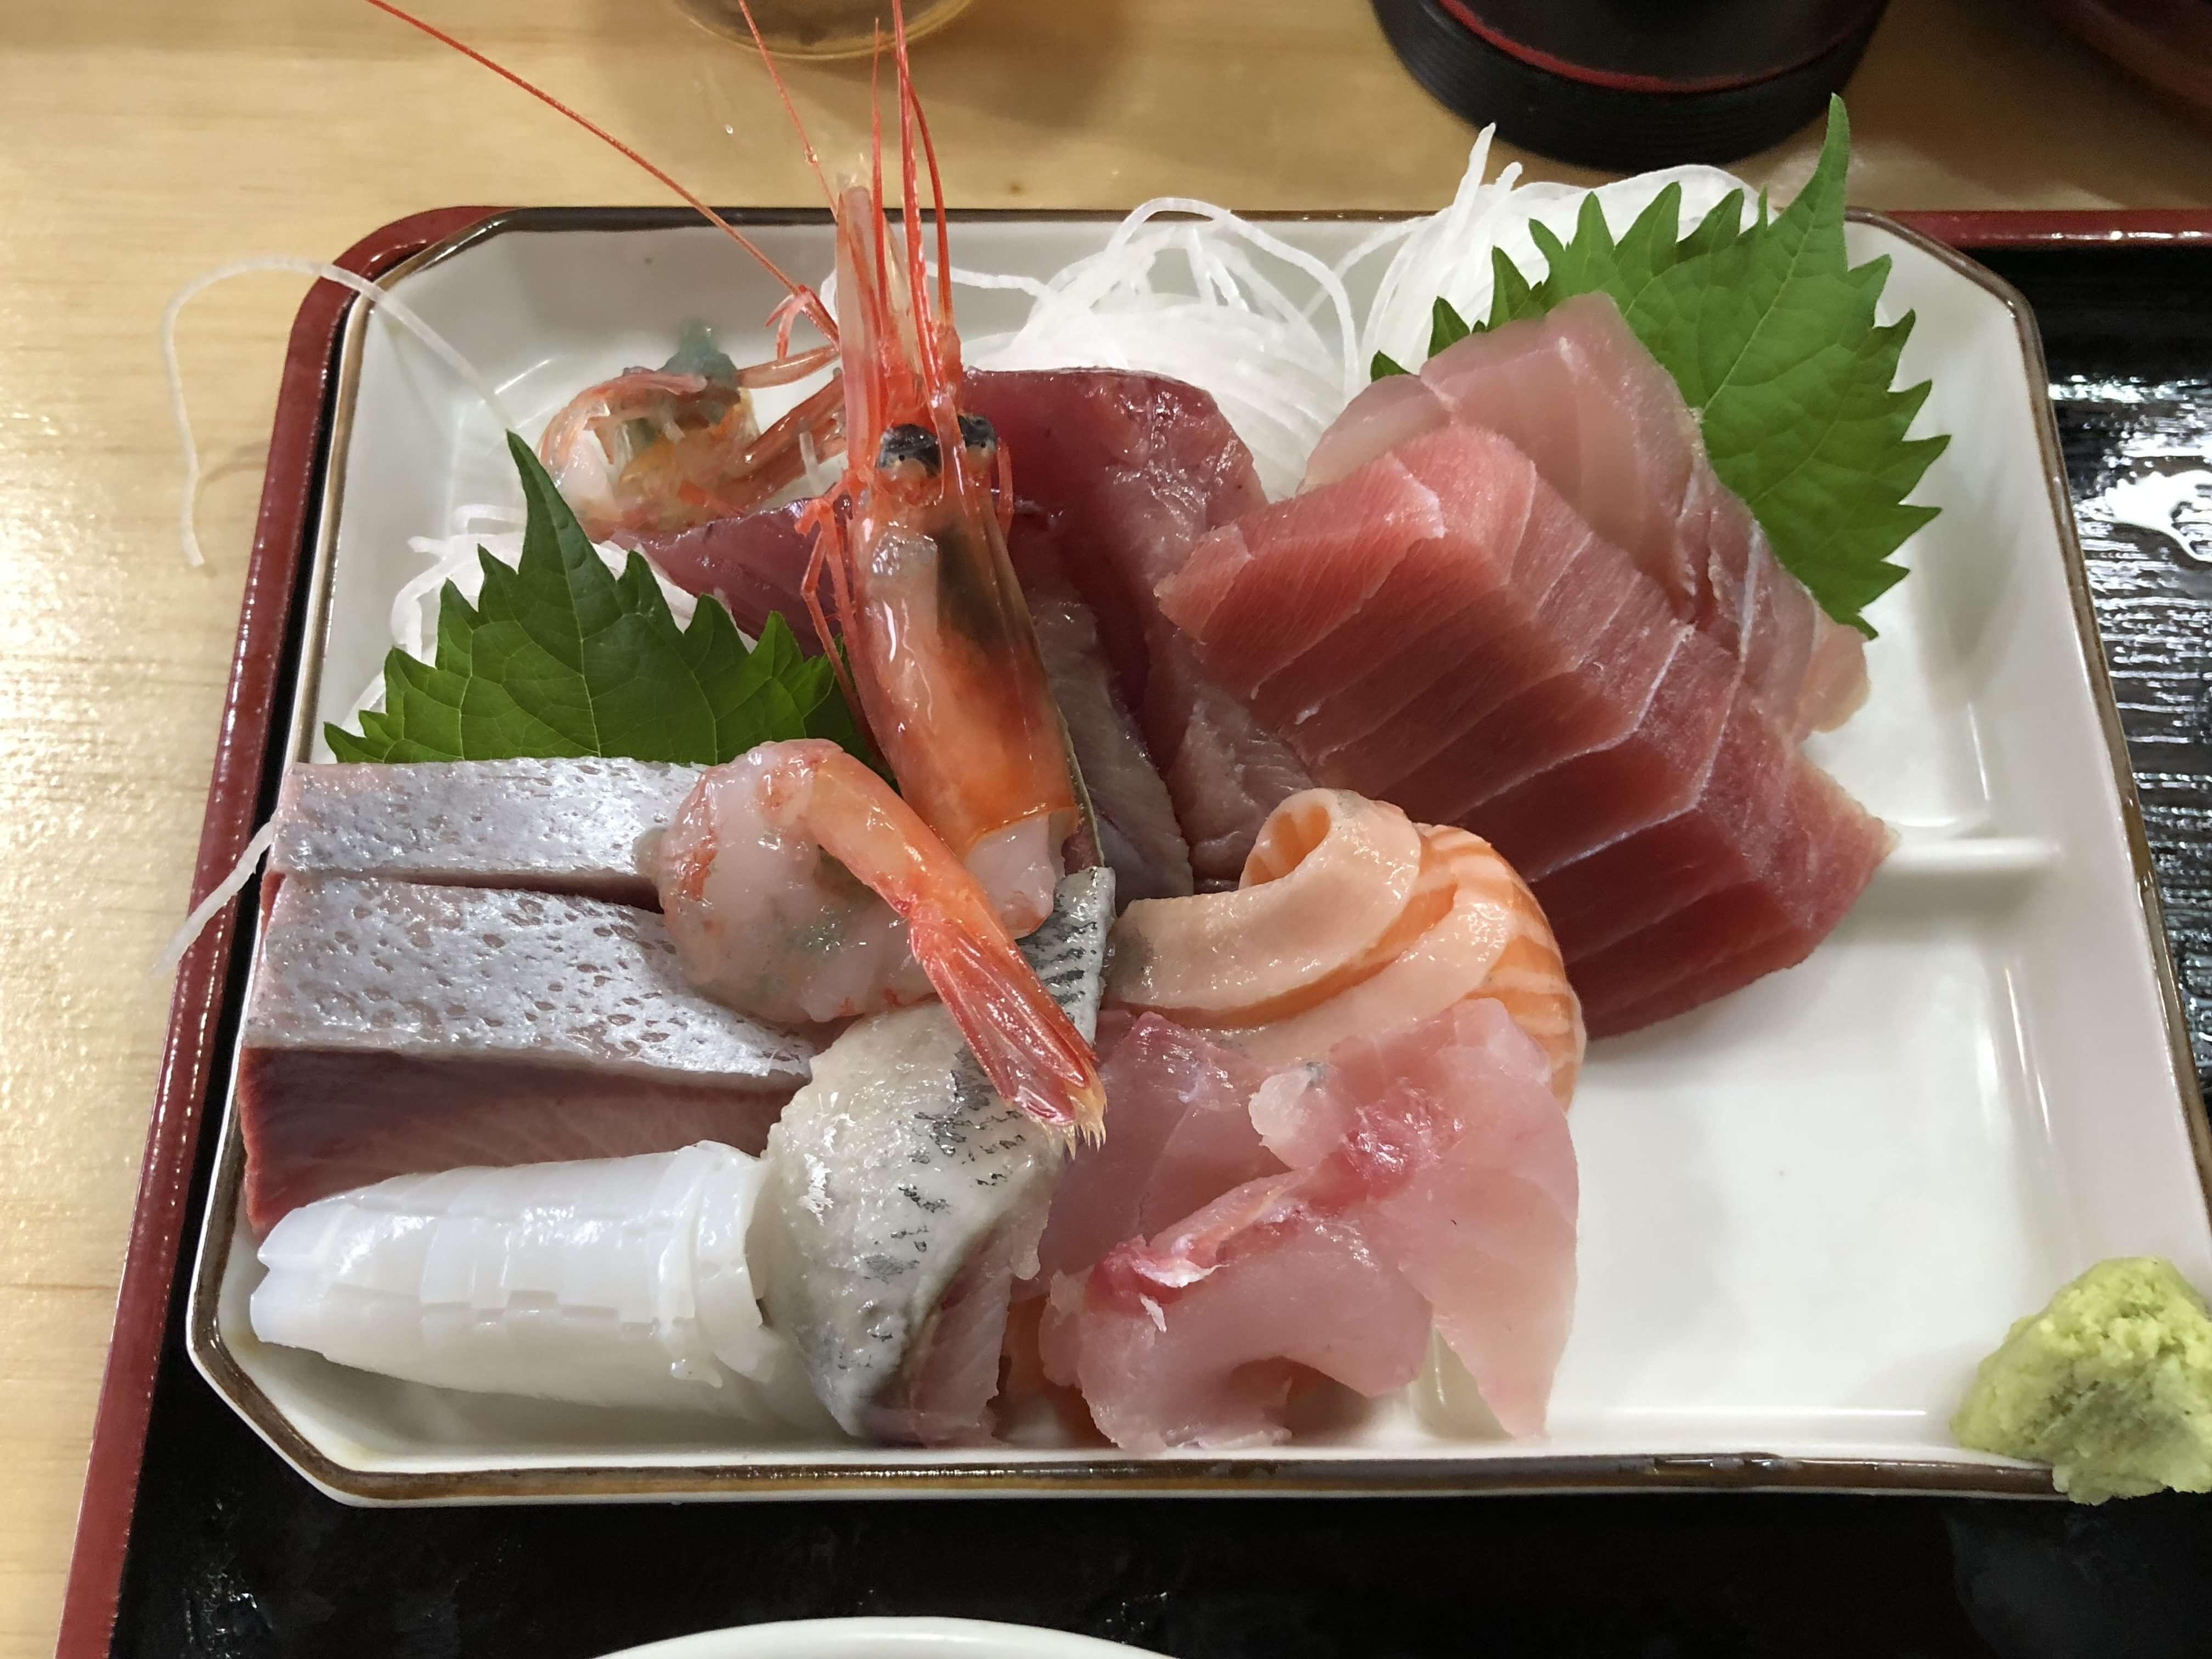 『 早舟 』大満足ボリューム満点全8種類の刺身盛合せ定食が1,000円 !! コスパ激高っ!!